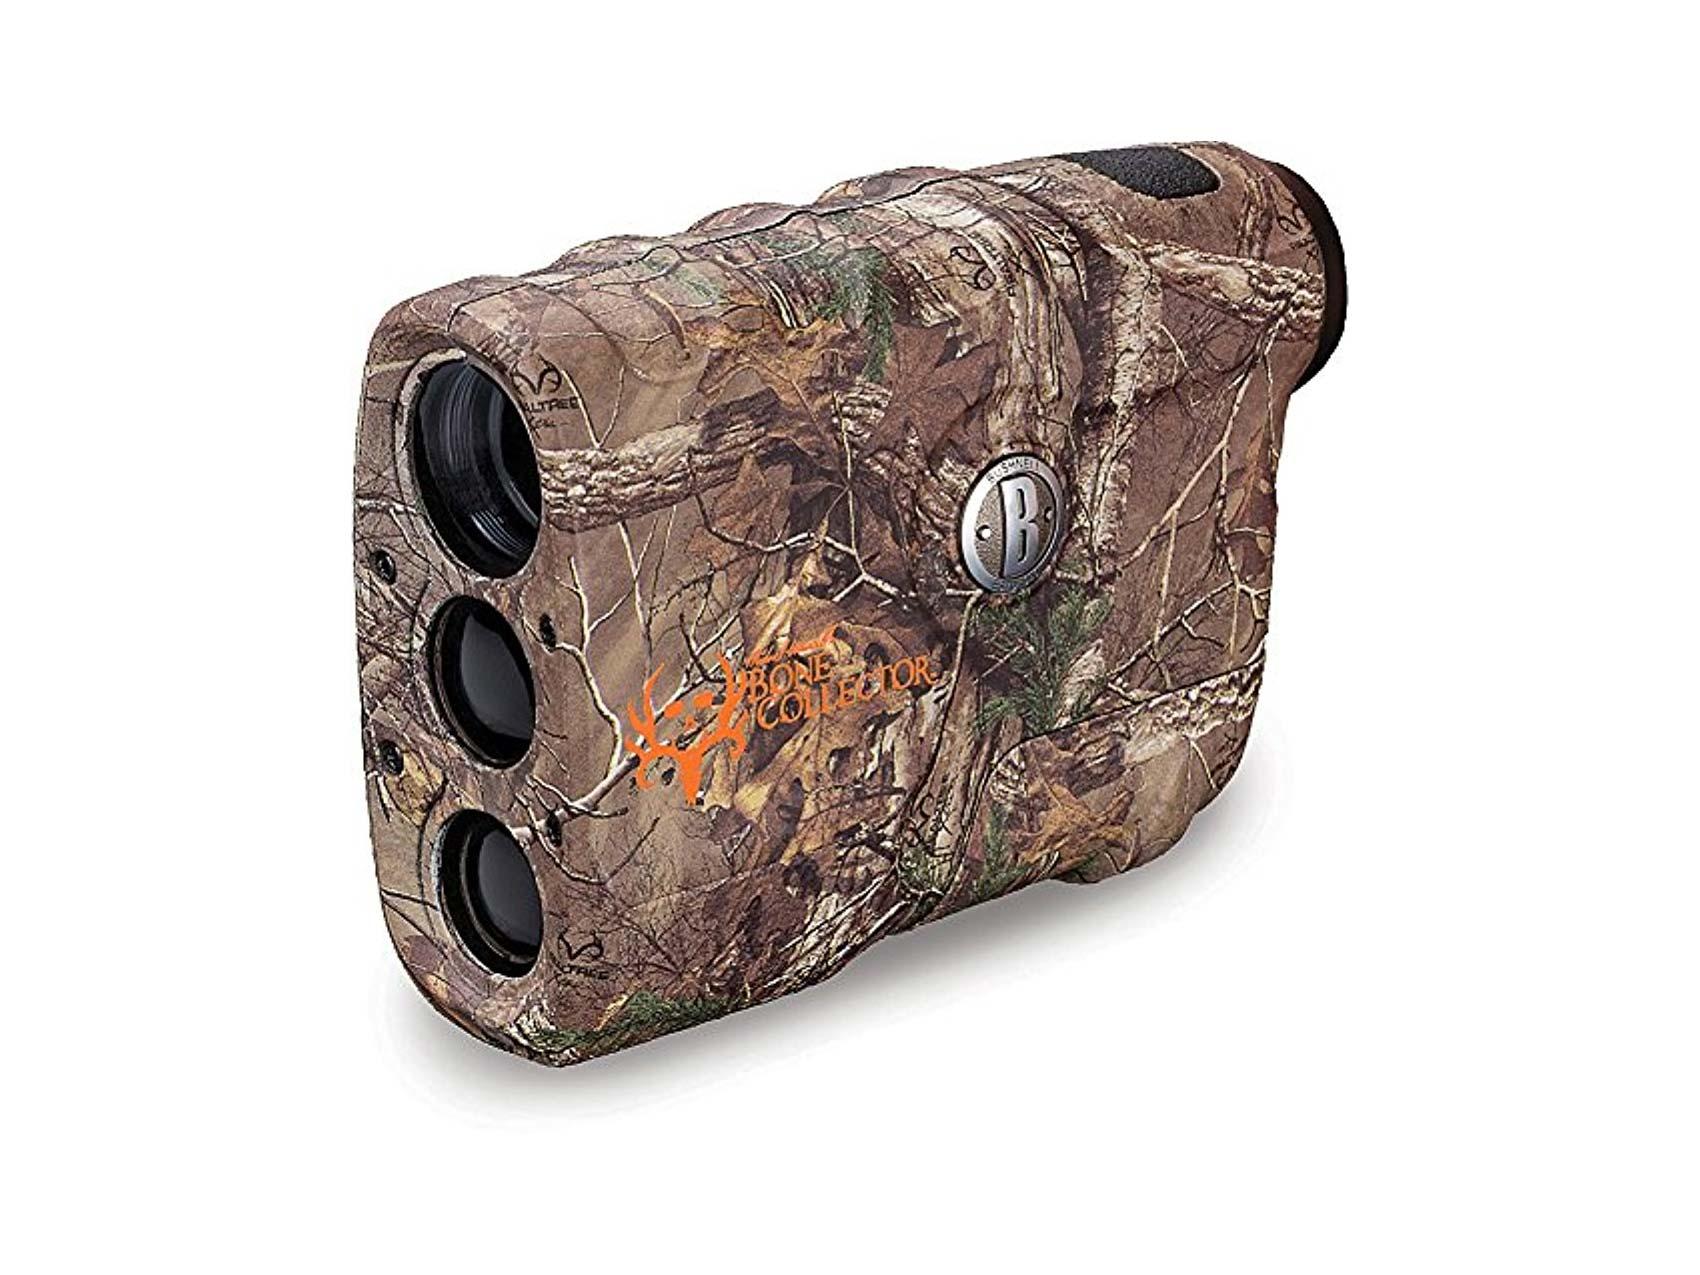 Bushnell camouflage range finder